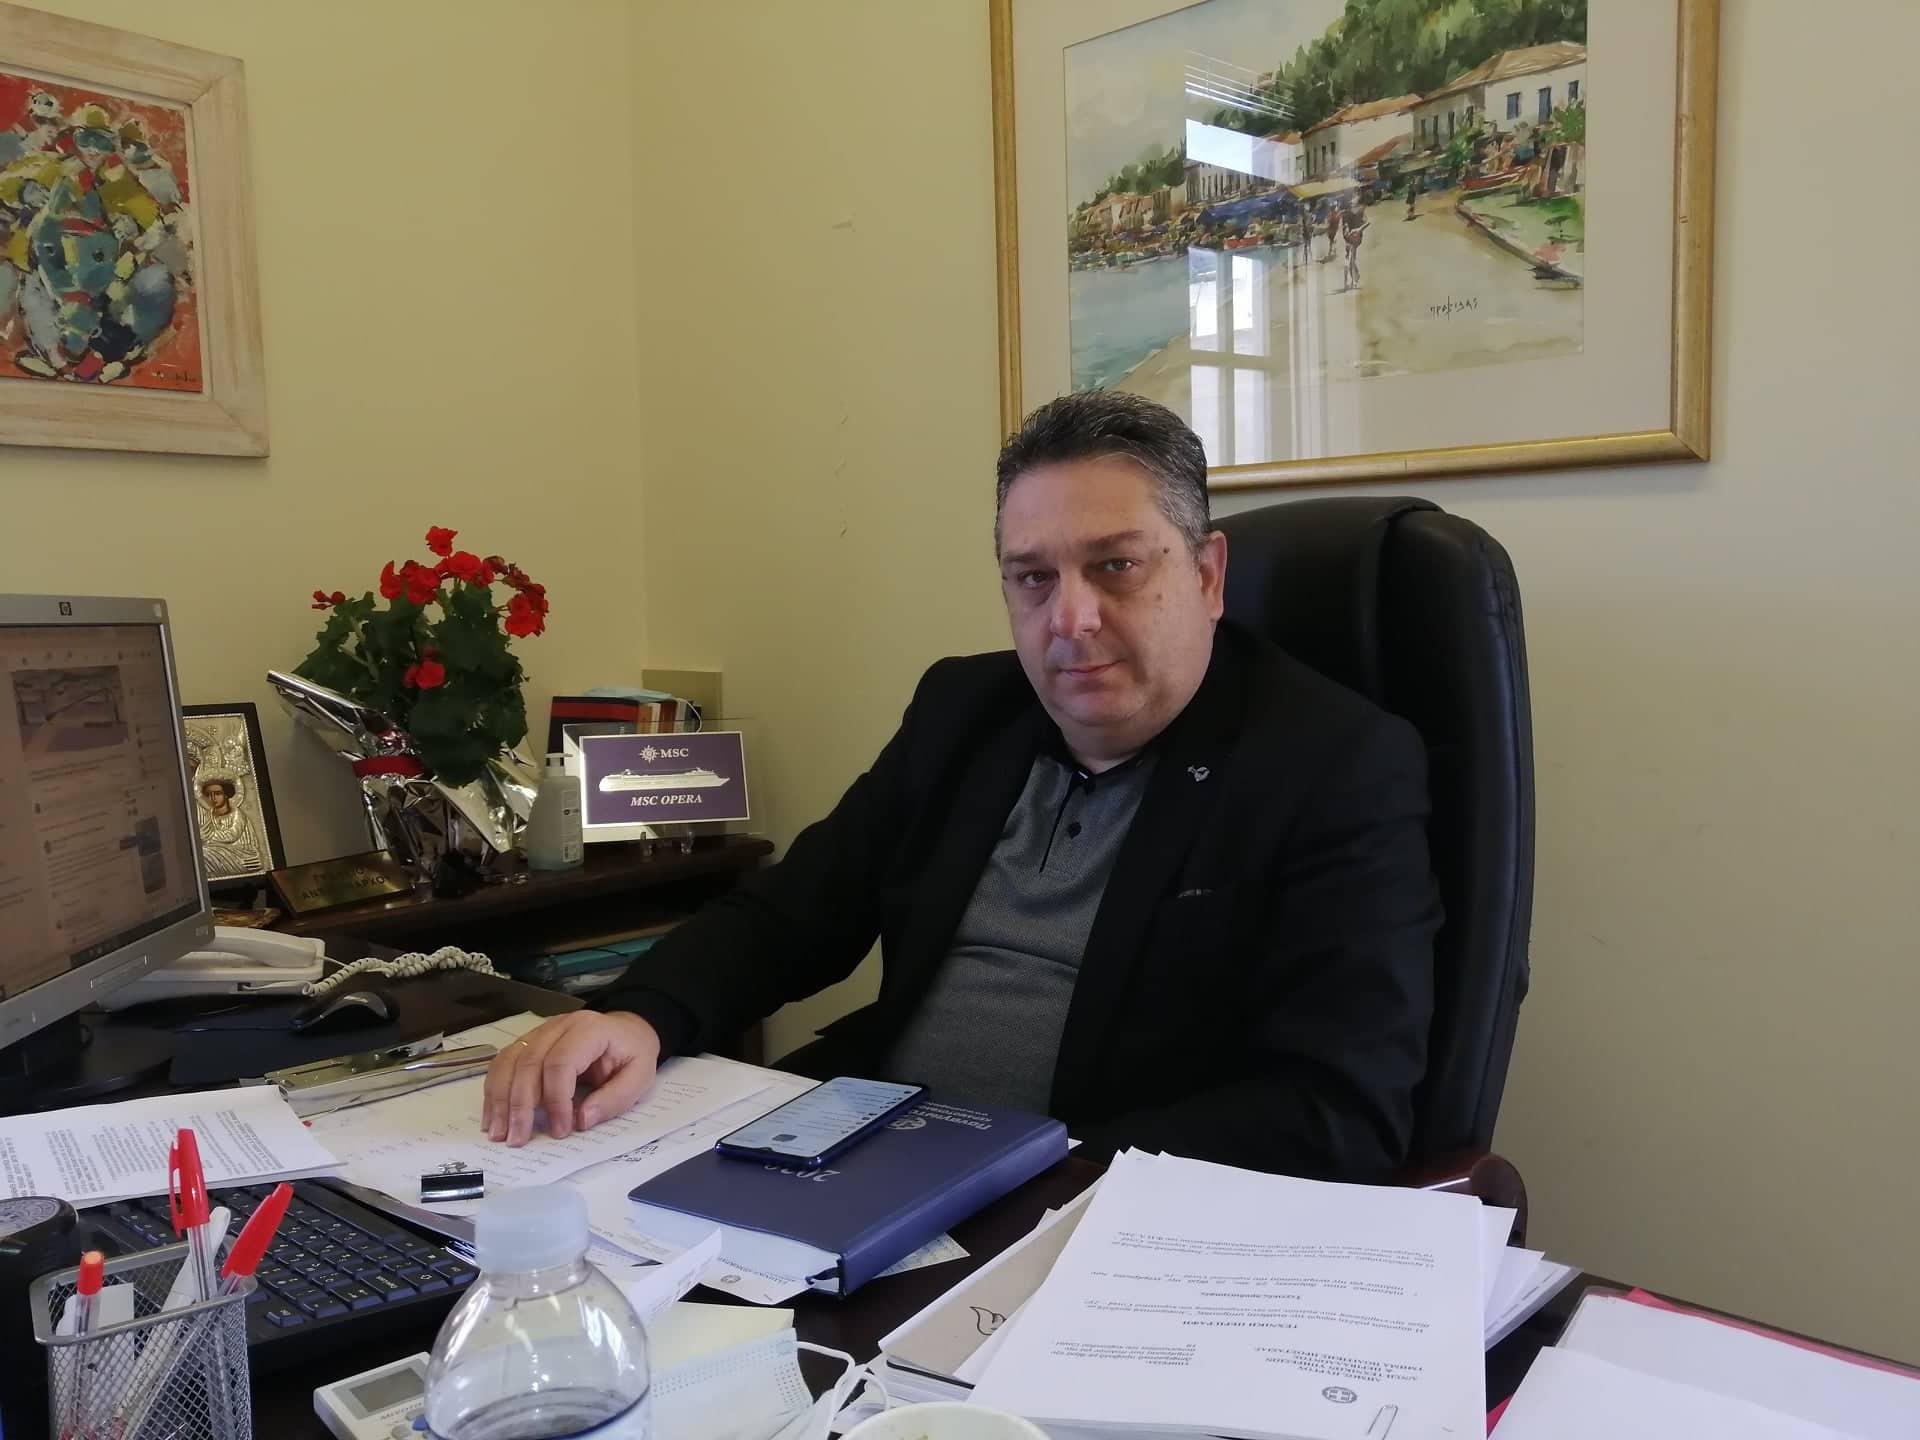 ΠΕΔ Δυτικής Ελλάδας: Να μην καταργηθούν σχολές των ΑΕΙ